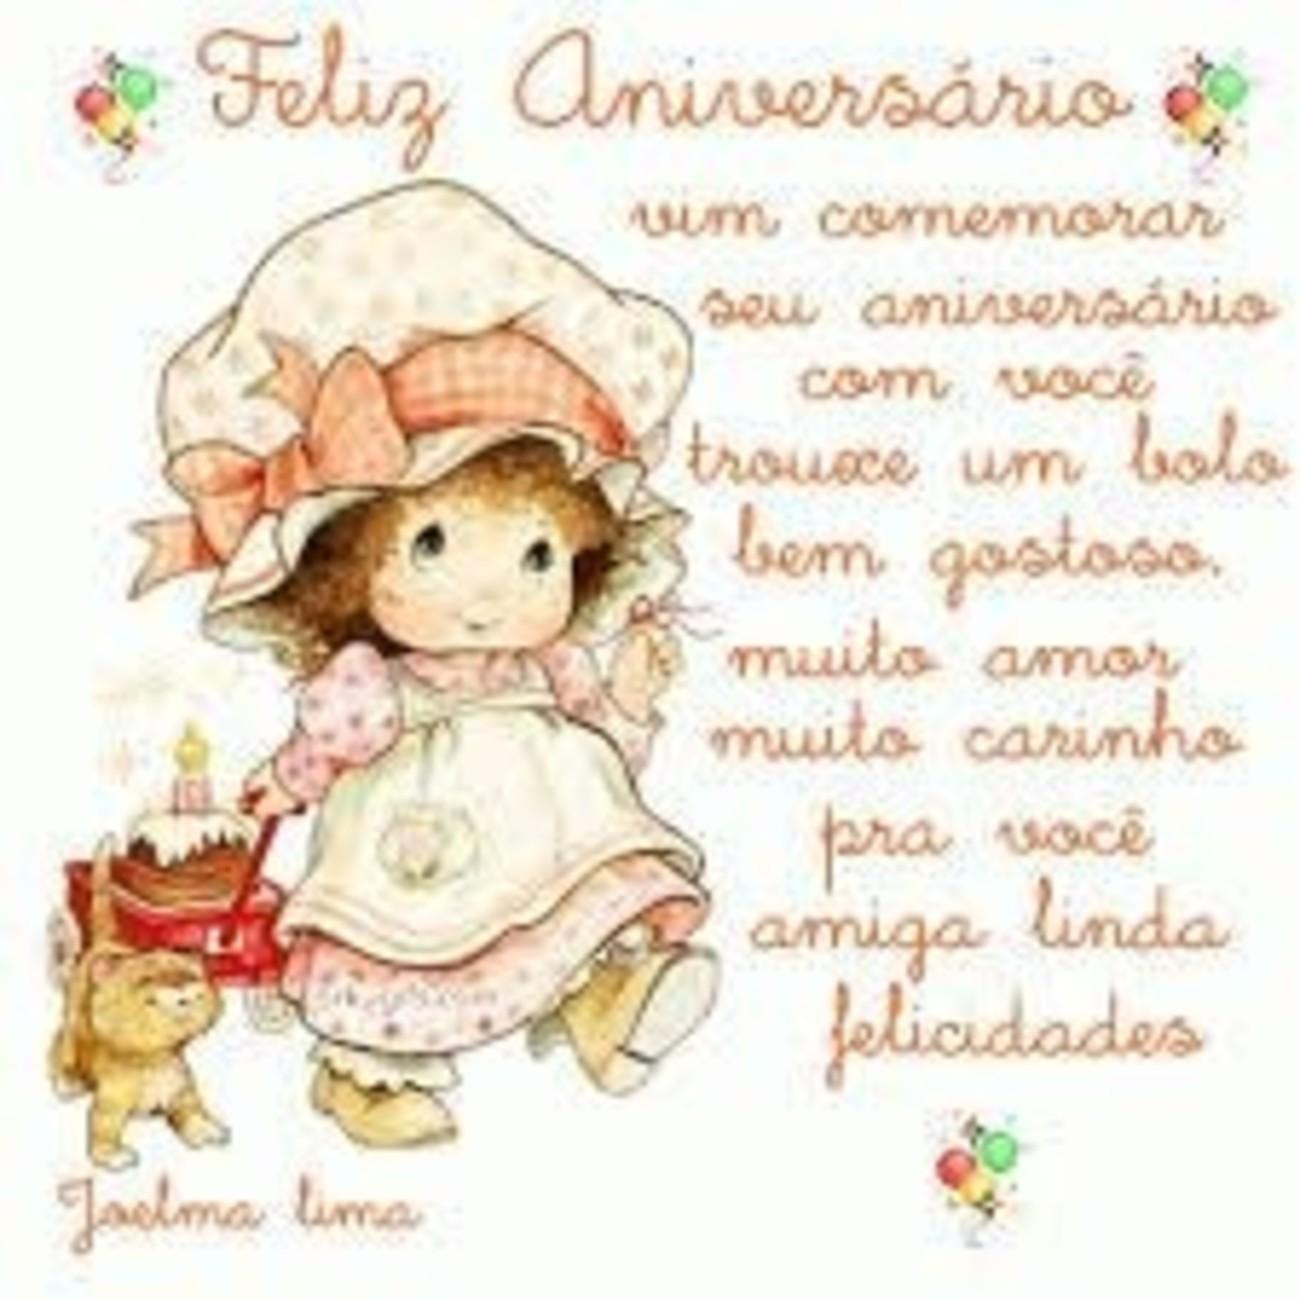 Feliz Aniversario Imagens Belas Lindas para Facebook Whatsapp 77